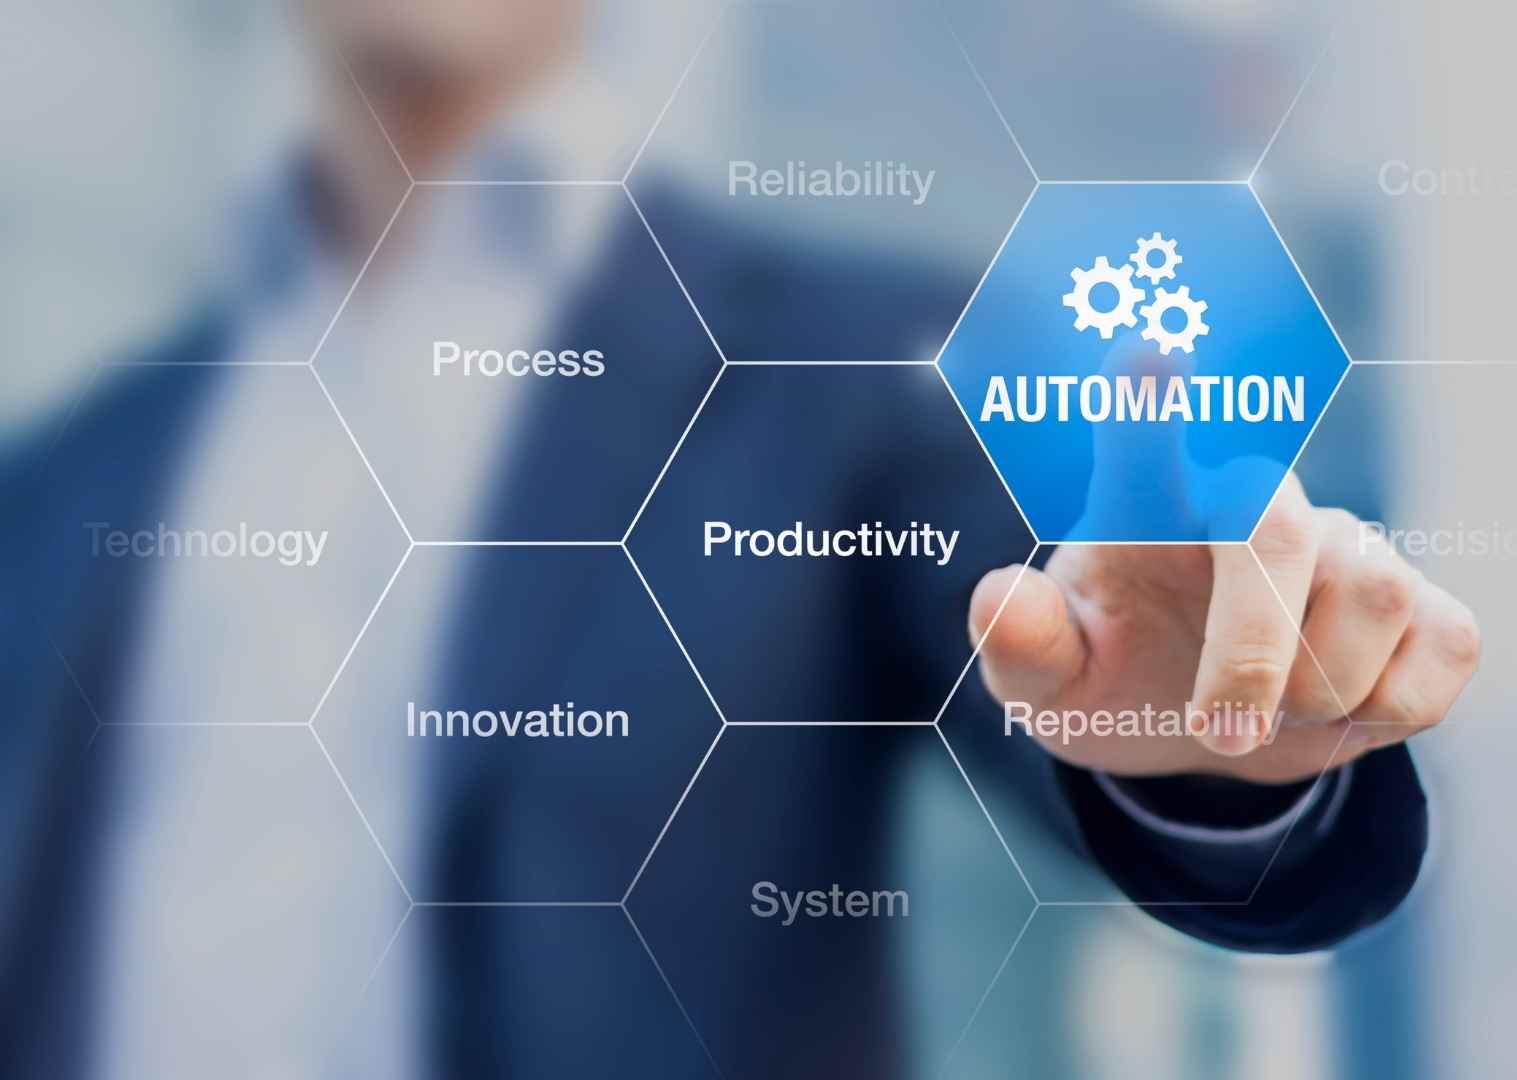 La automatización, clave en el modelo de negocios del mediano plazo